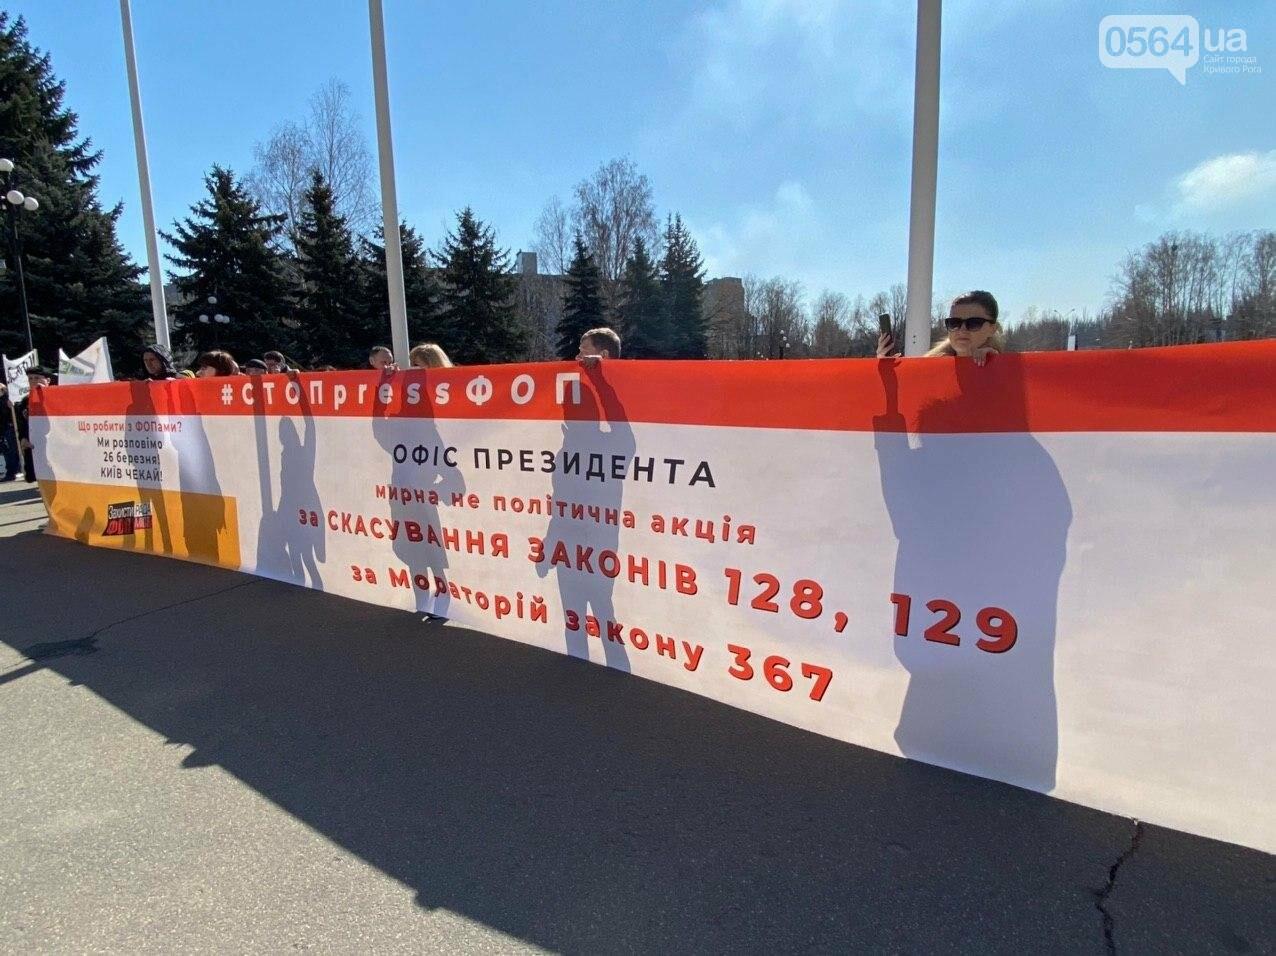 Криворожские предприниматели устроили акцию под горсоветом, - ФОТО, ВИДЕО, фото-4